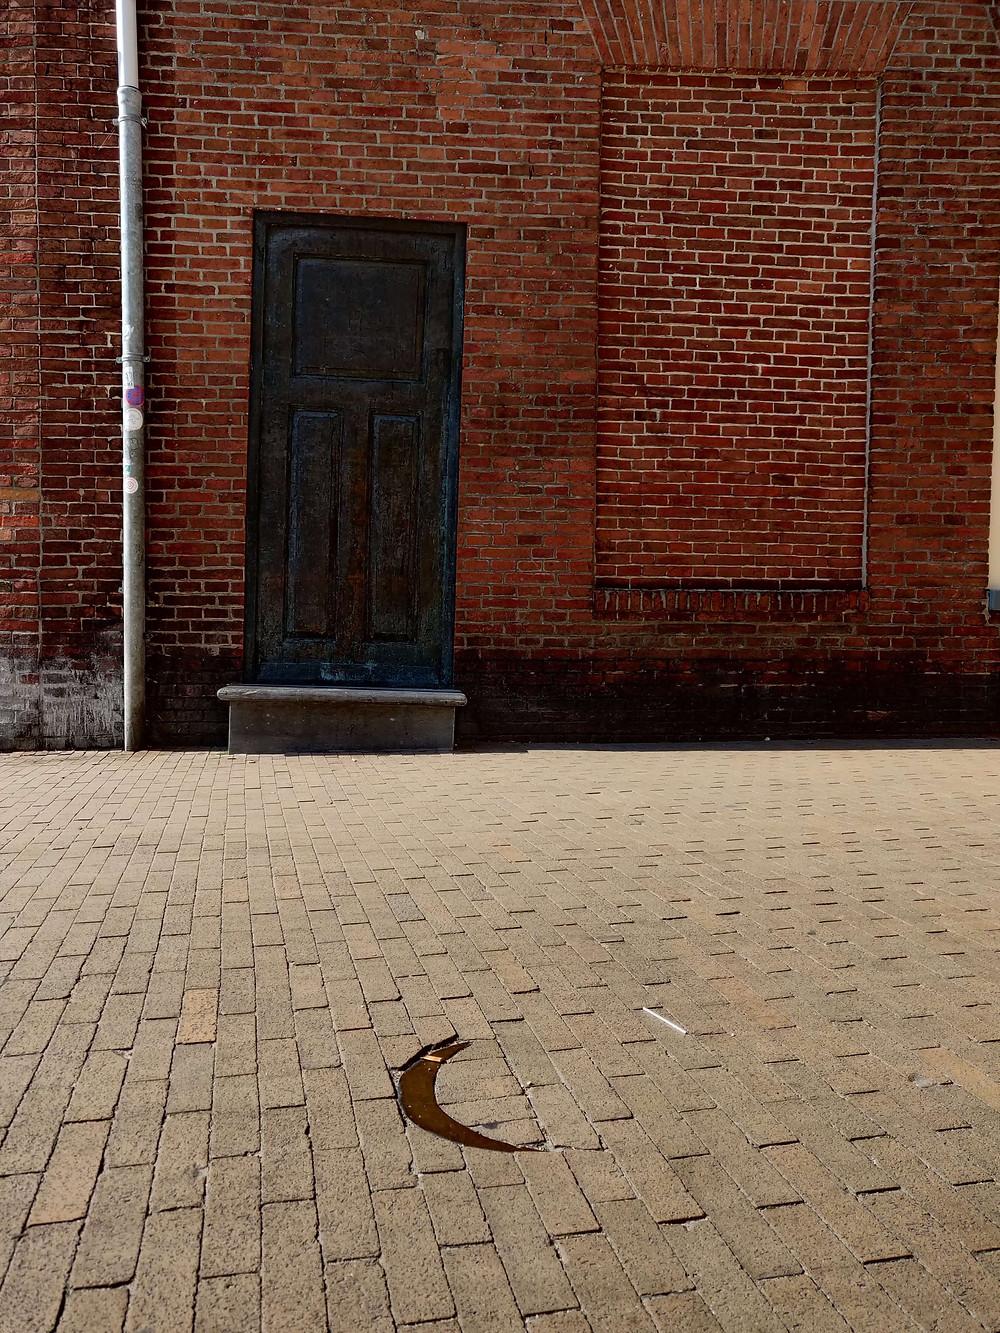 דלת ברונזה ללא ידית. פסל לזכר הקהילה היהודית